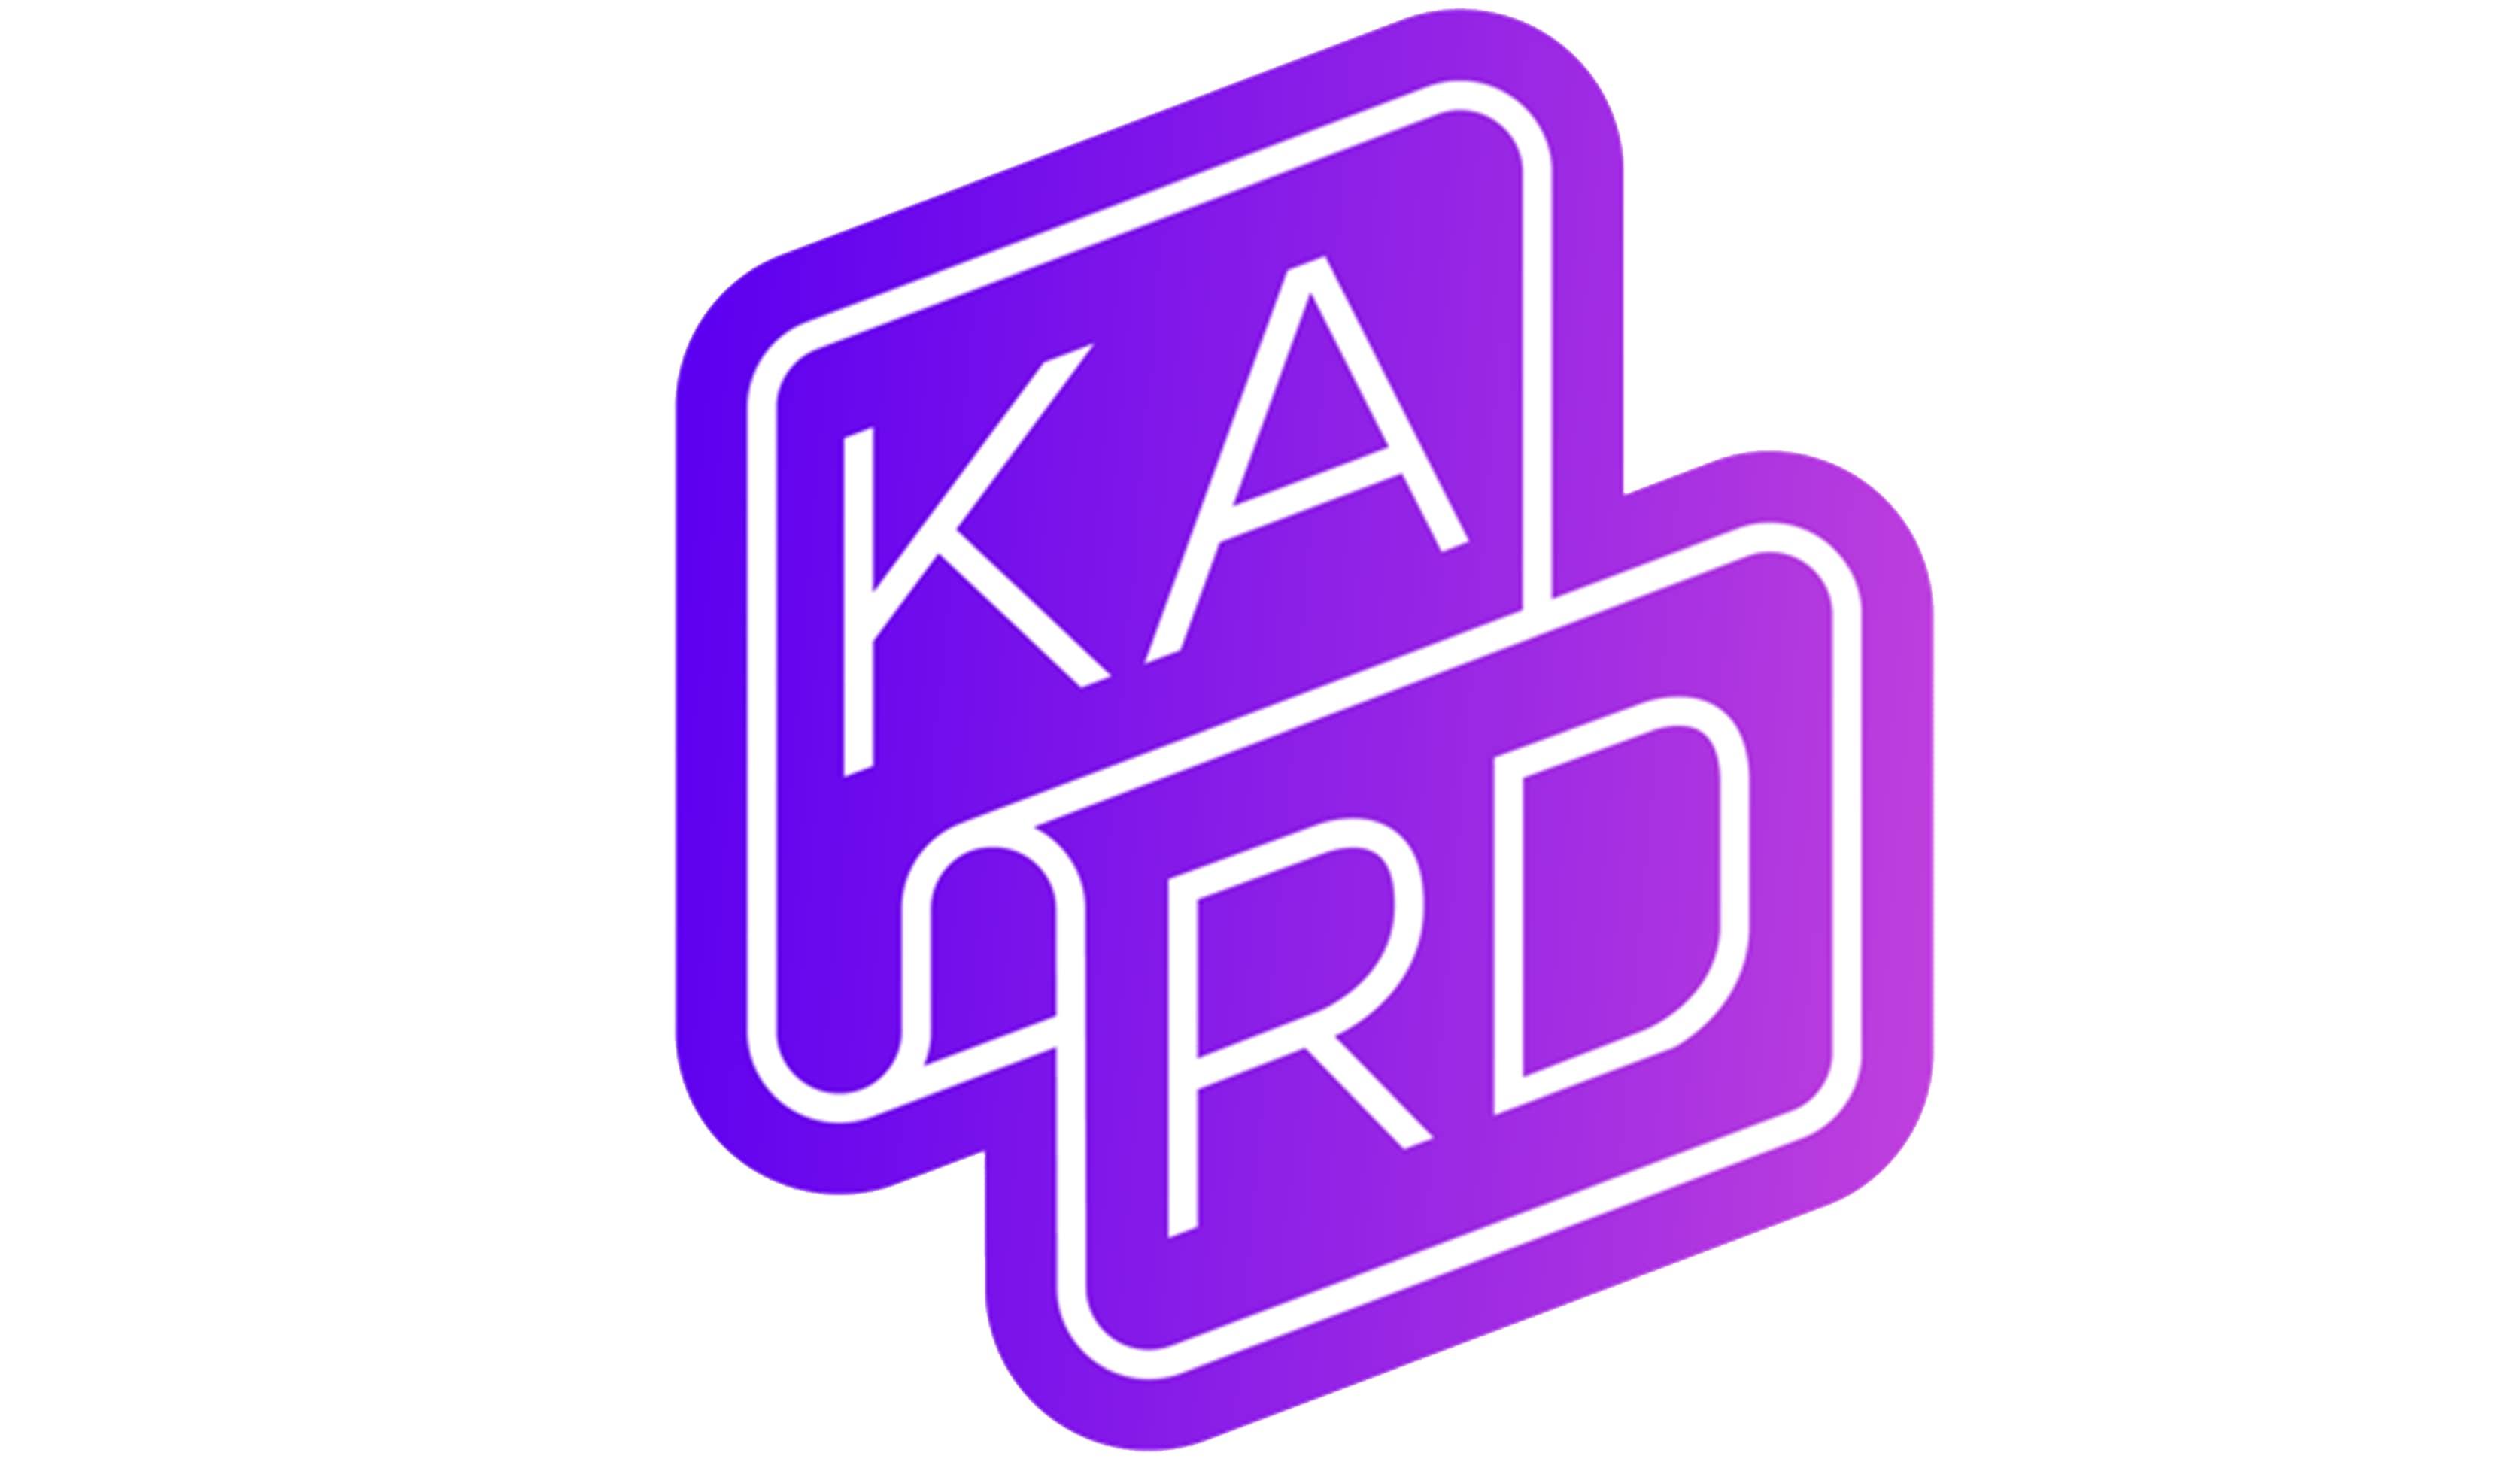 Logo de la marque Kard